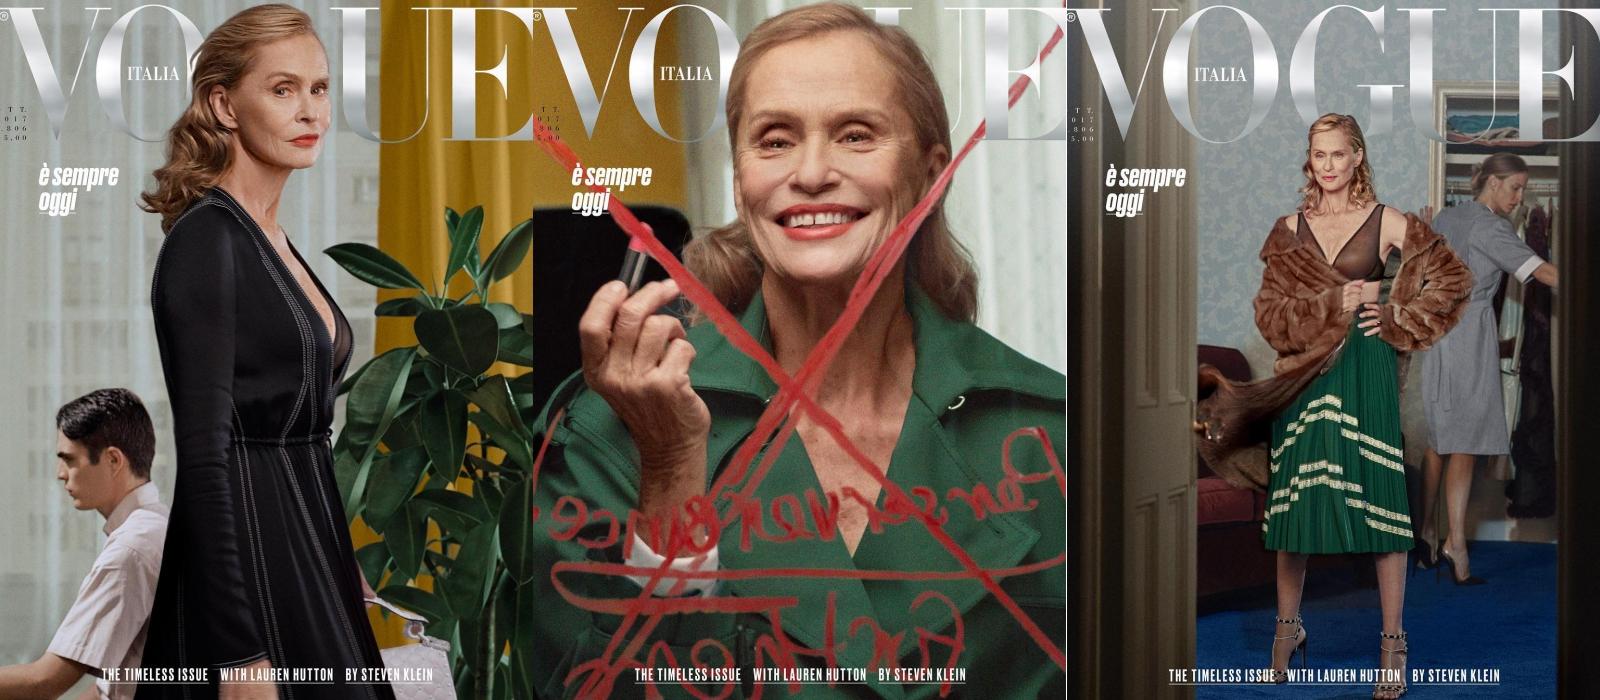 Lauren Hutton tỏa sáng trên bìa Vogue Ý ở tuổi 74 với vẻ quyến rũ vượt thời gian